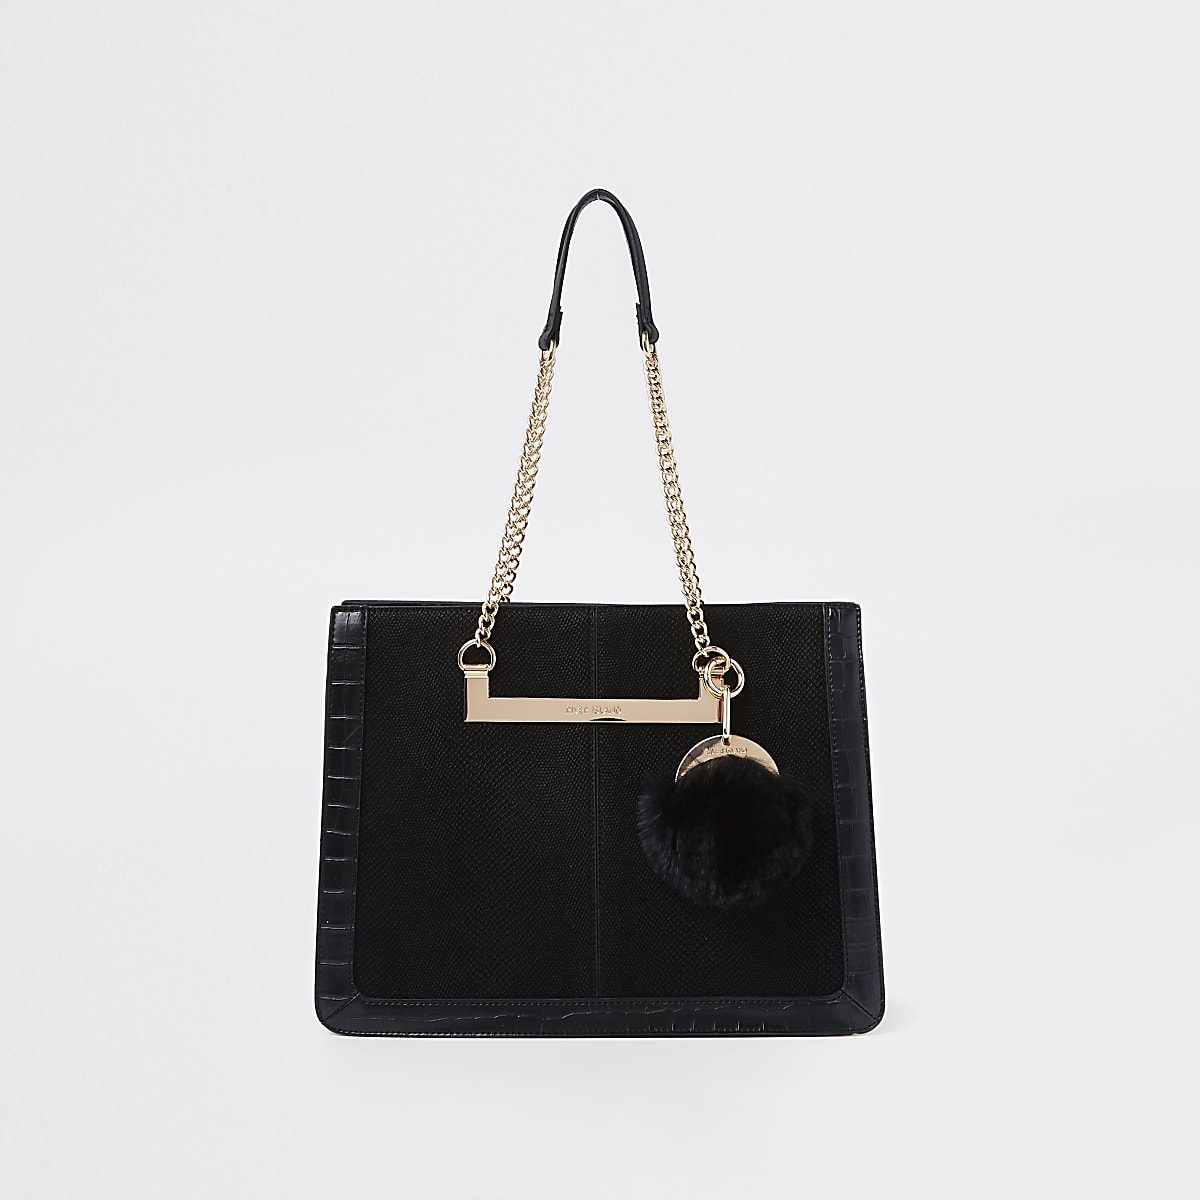 8b8018bac6f1 Black chain handle pom pom tote bag - Shopper   Tote Bags - Bags   Purses -  women